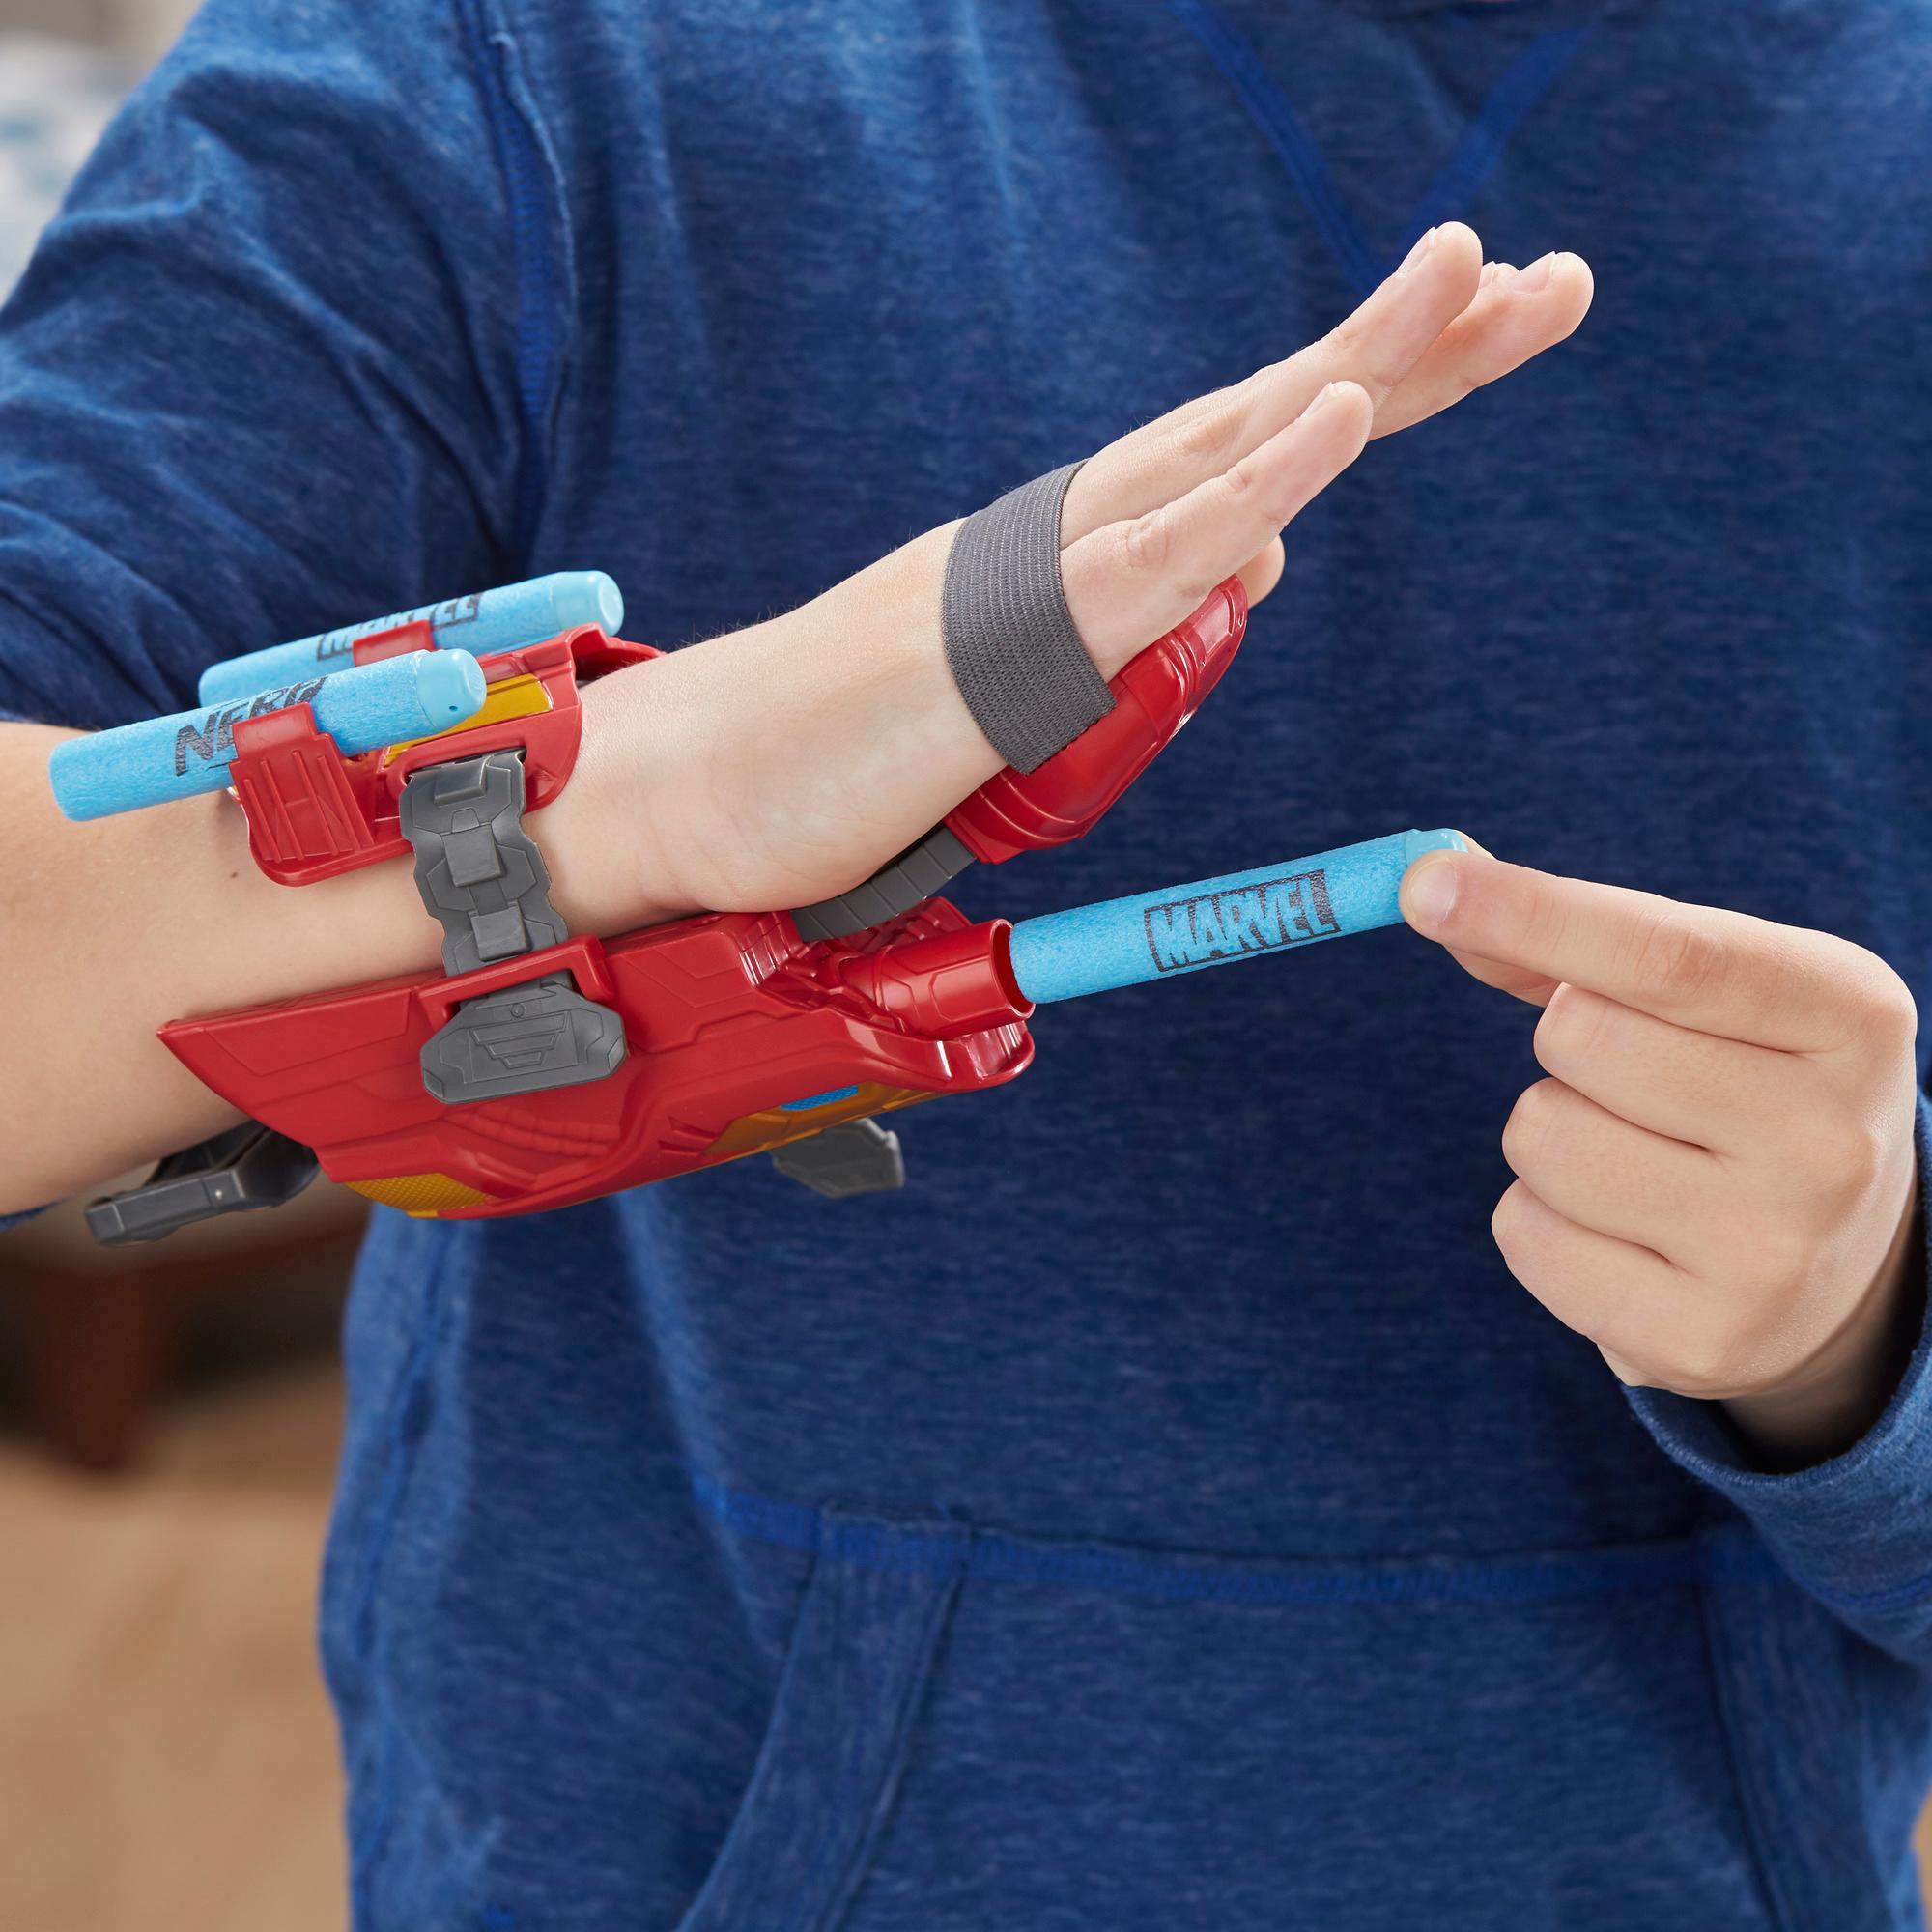 Marvel Avengers Iron Man Lanzador Repulsor con dardos Nerf para disfraz y juego de rol